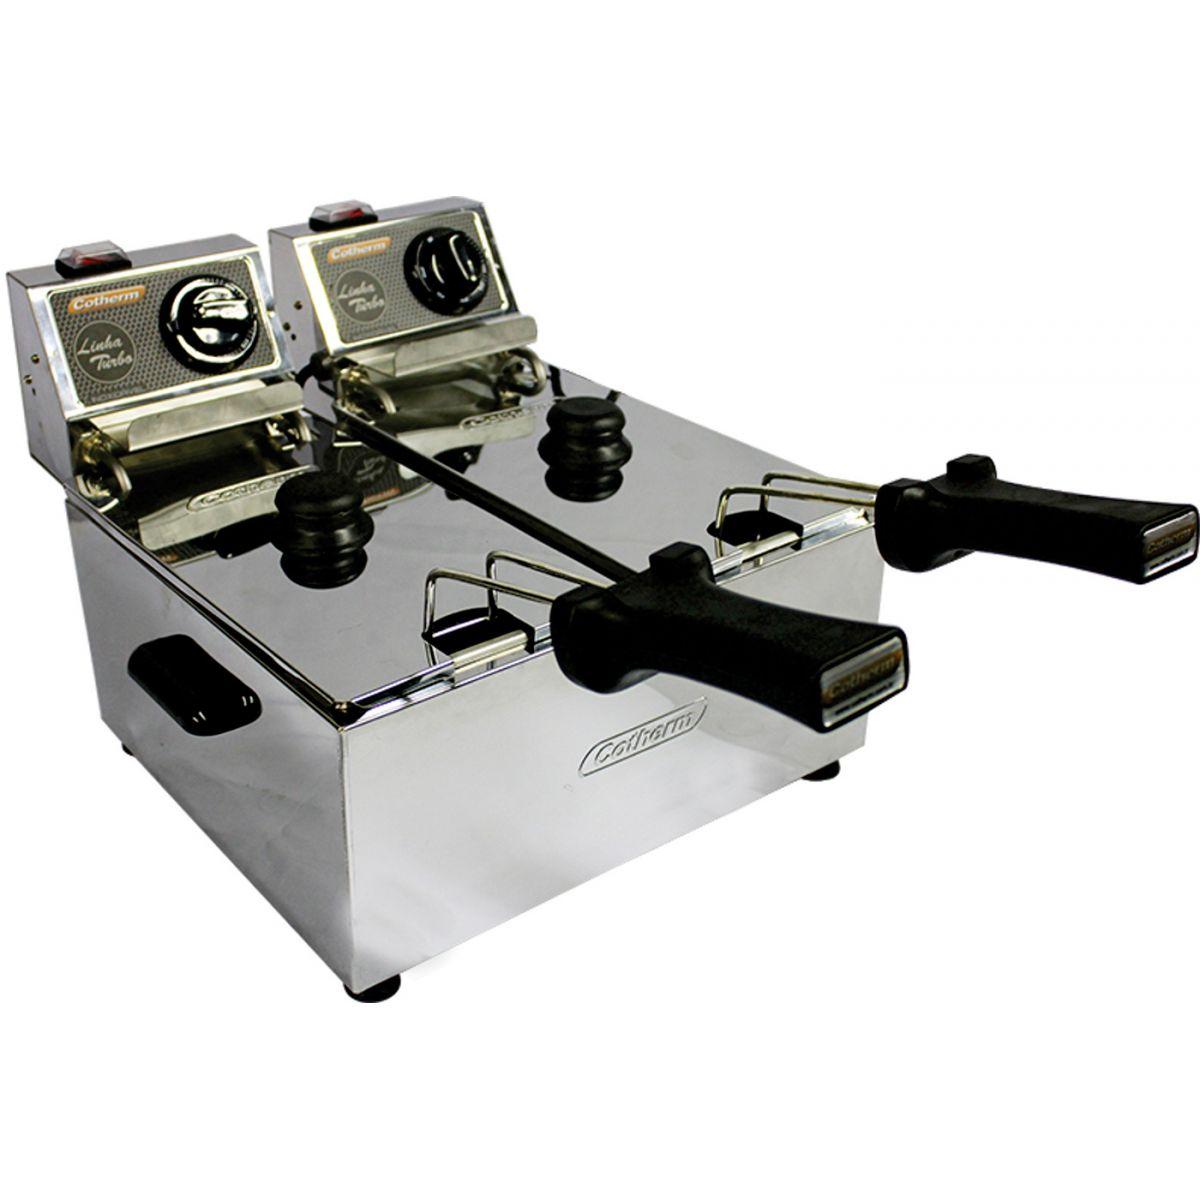 Fritadeira elétrica 6 Litros 2 Cubas de 3Litros Linha Turbo 5000W 220V Cotherm  - Mix Eletro